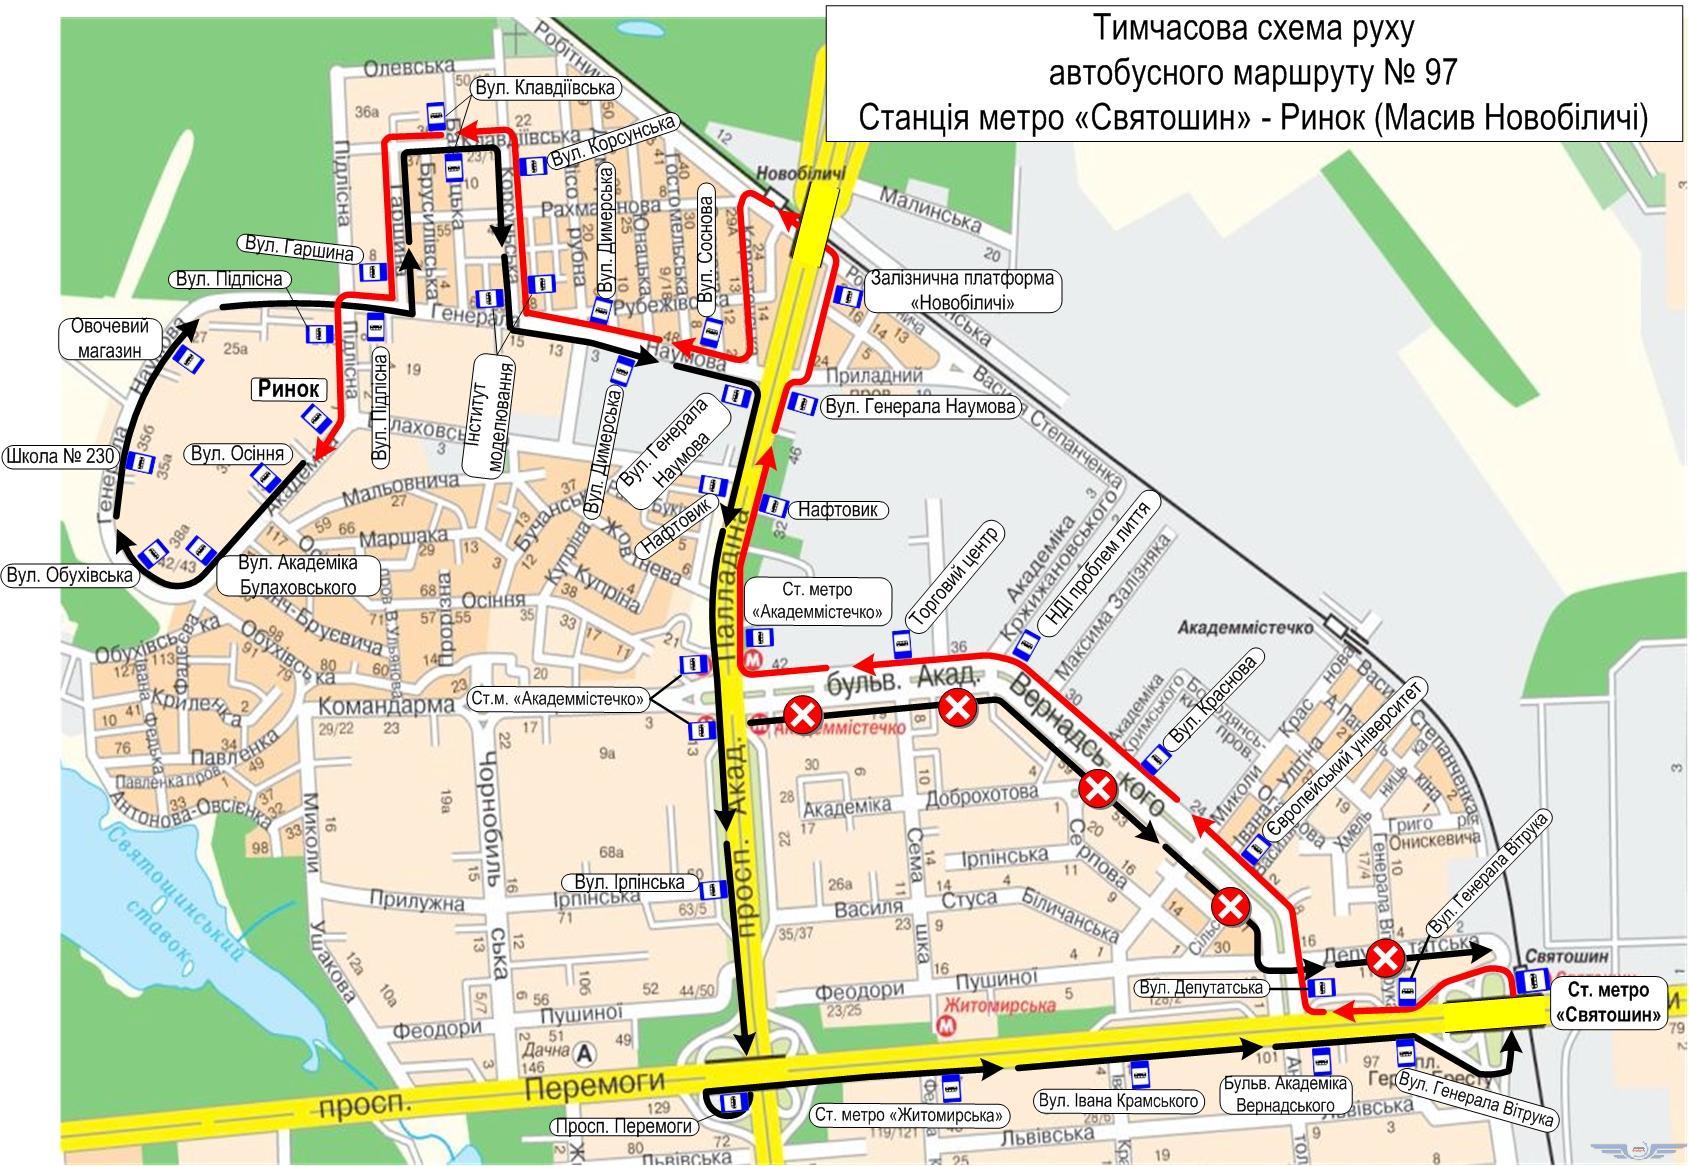 Схема движения автобусов №97 в понедельник 30 апреля